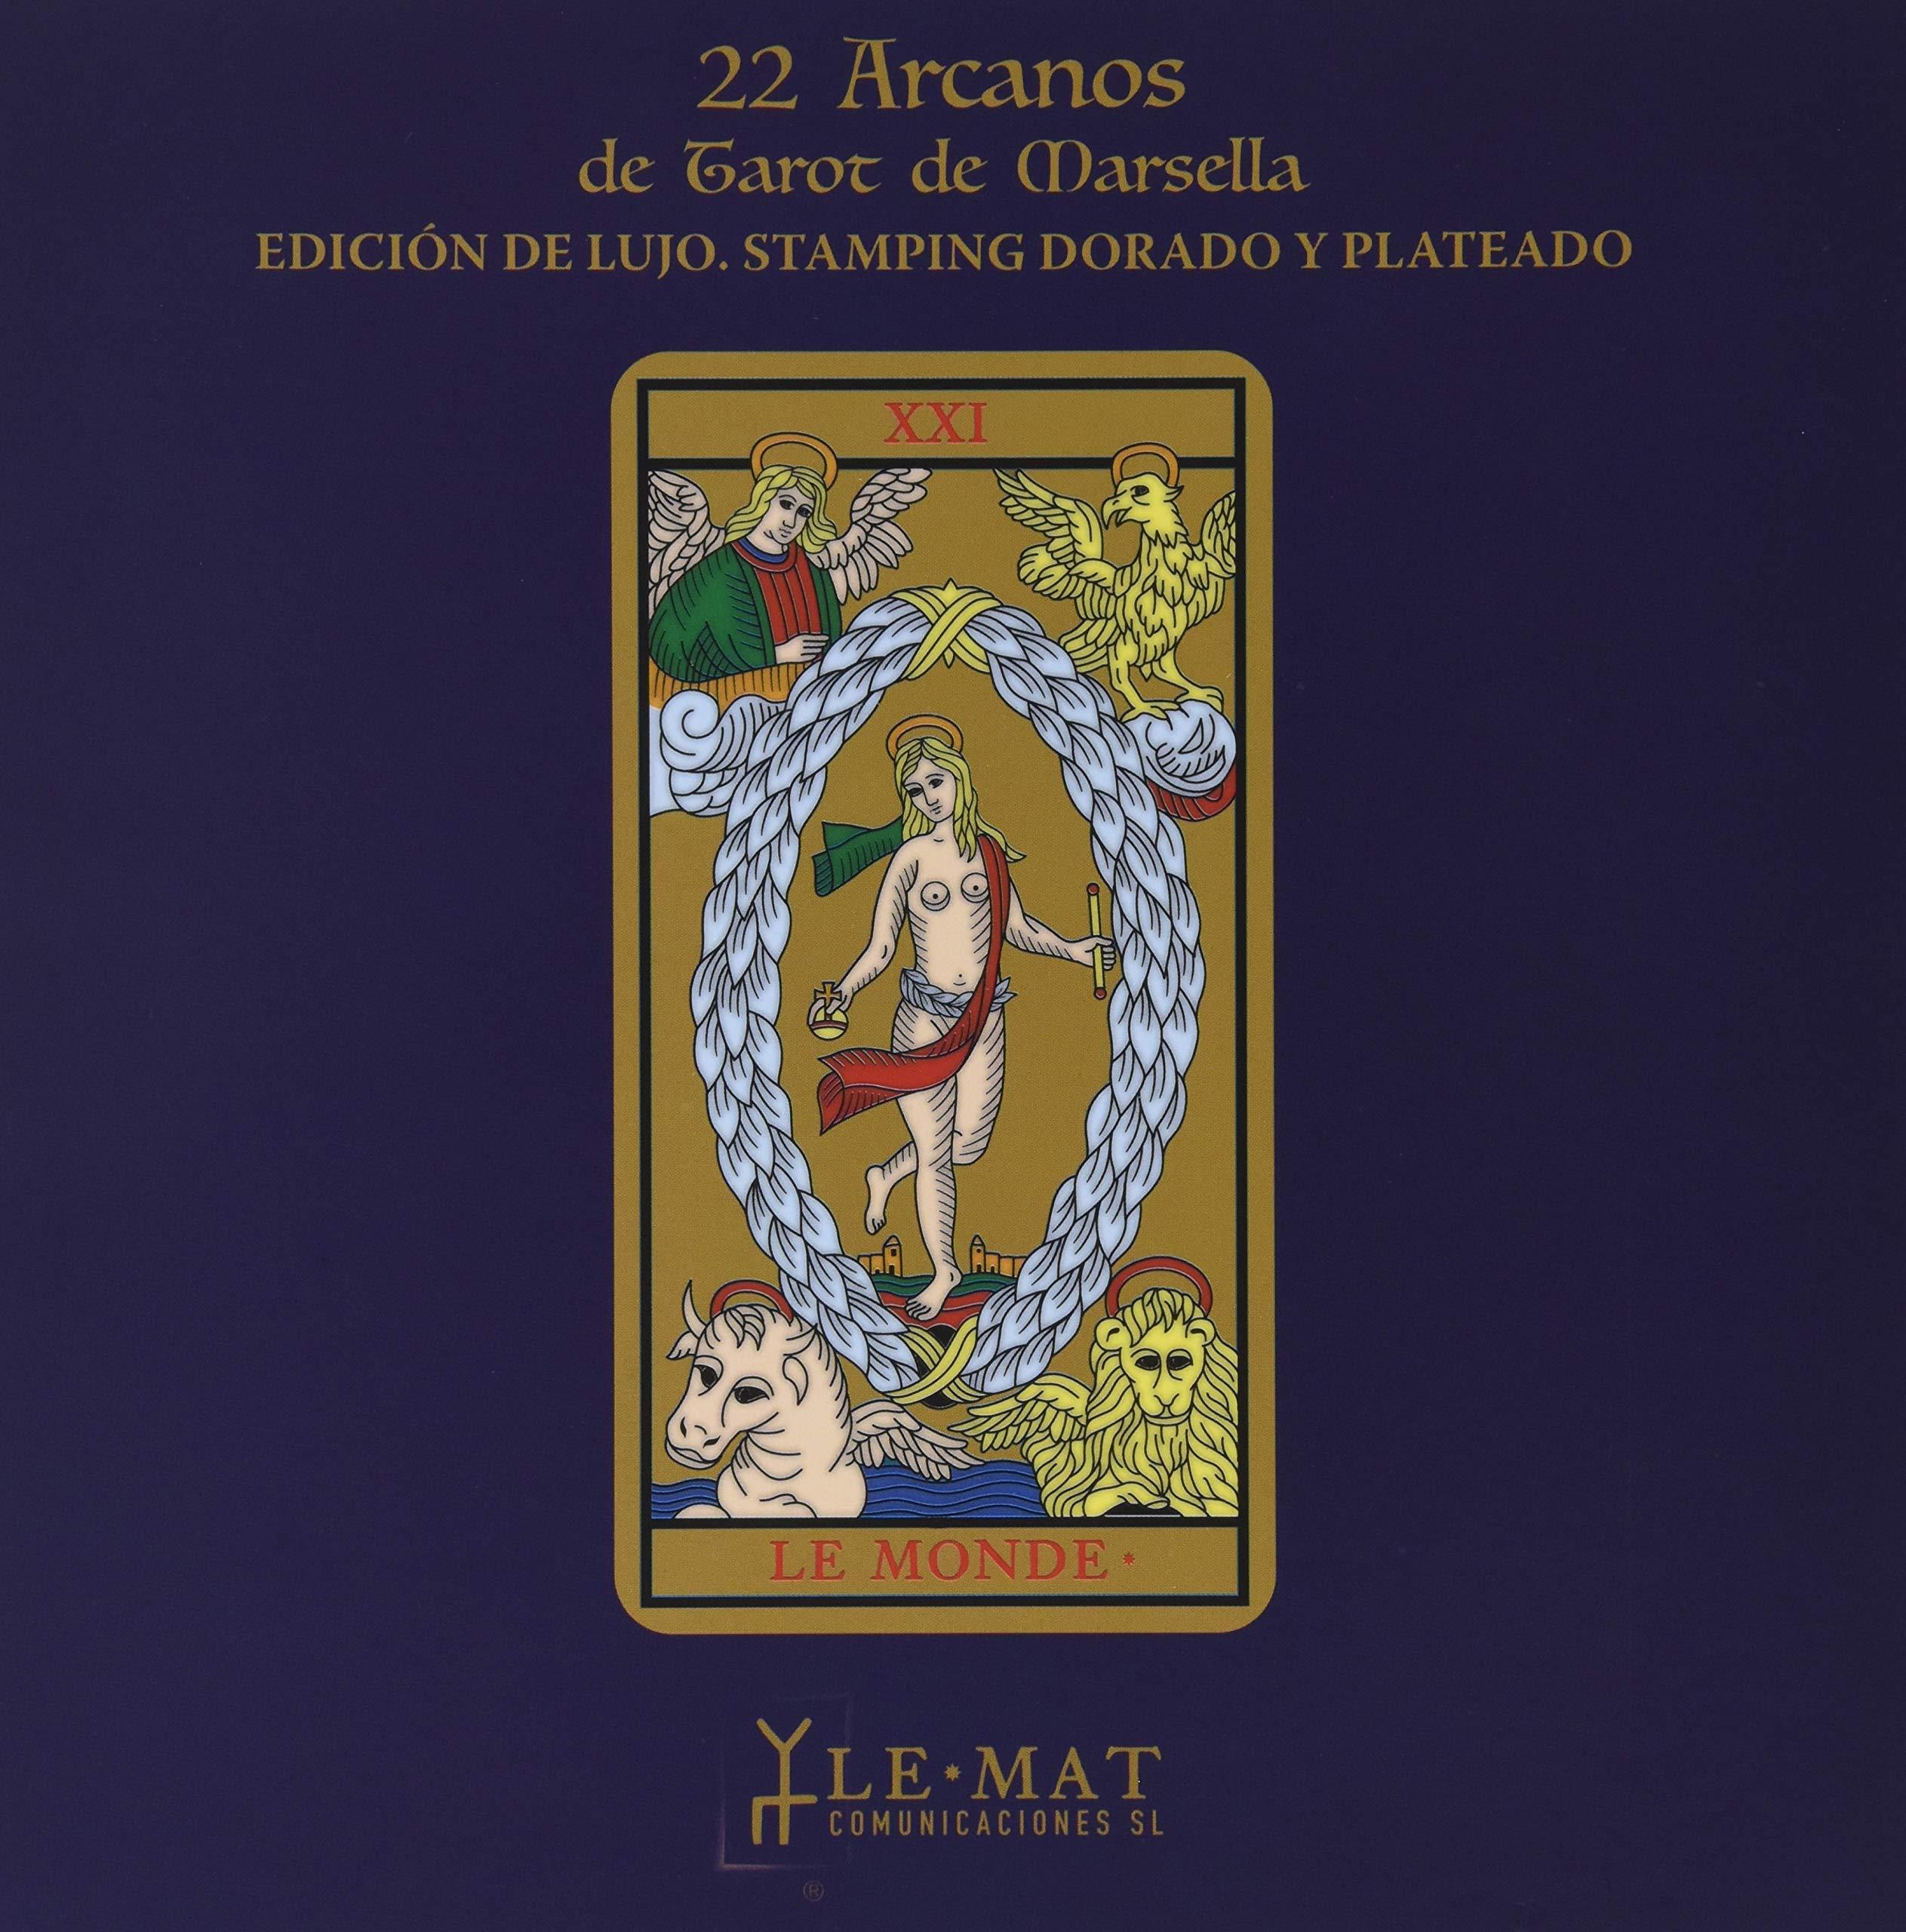 22 arcanos de tarot de Marsella: Amazon.es: Vv.Aa: Libros